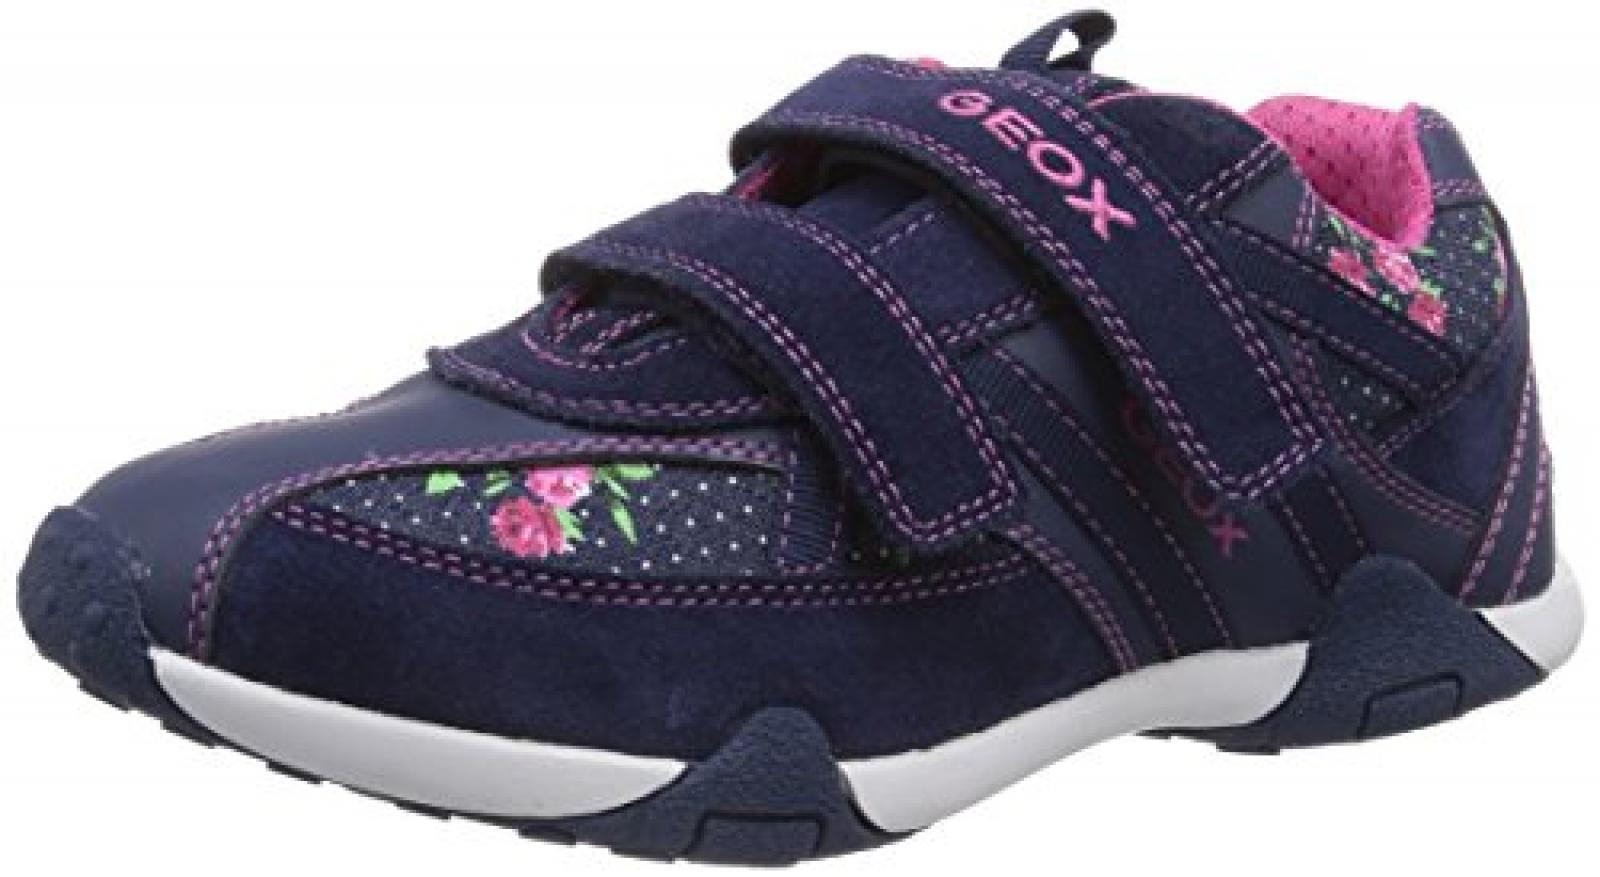 Geox JR TALE B Mädchen Sneakers